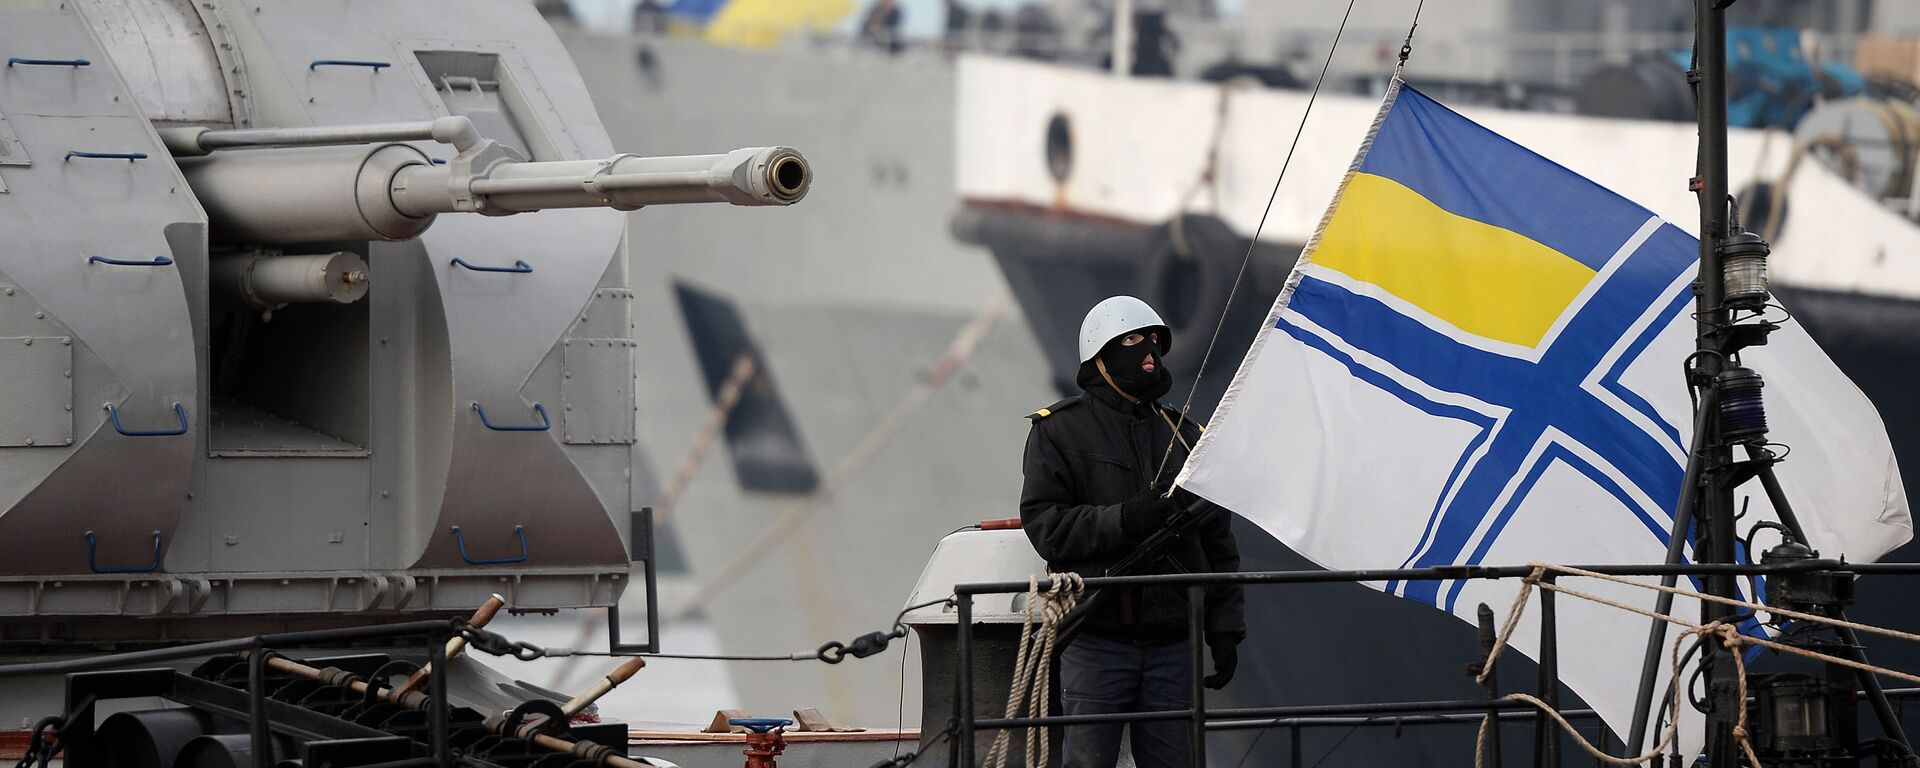 Украинский солдат поднимает флаг украинского военно-морского флота, стоя на страже на борту военного корабля - Sputnik Таджикистан, 1920, 08.04.2021